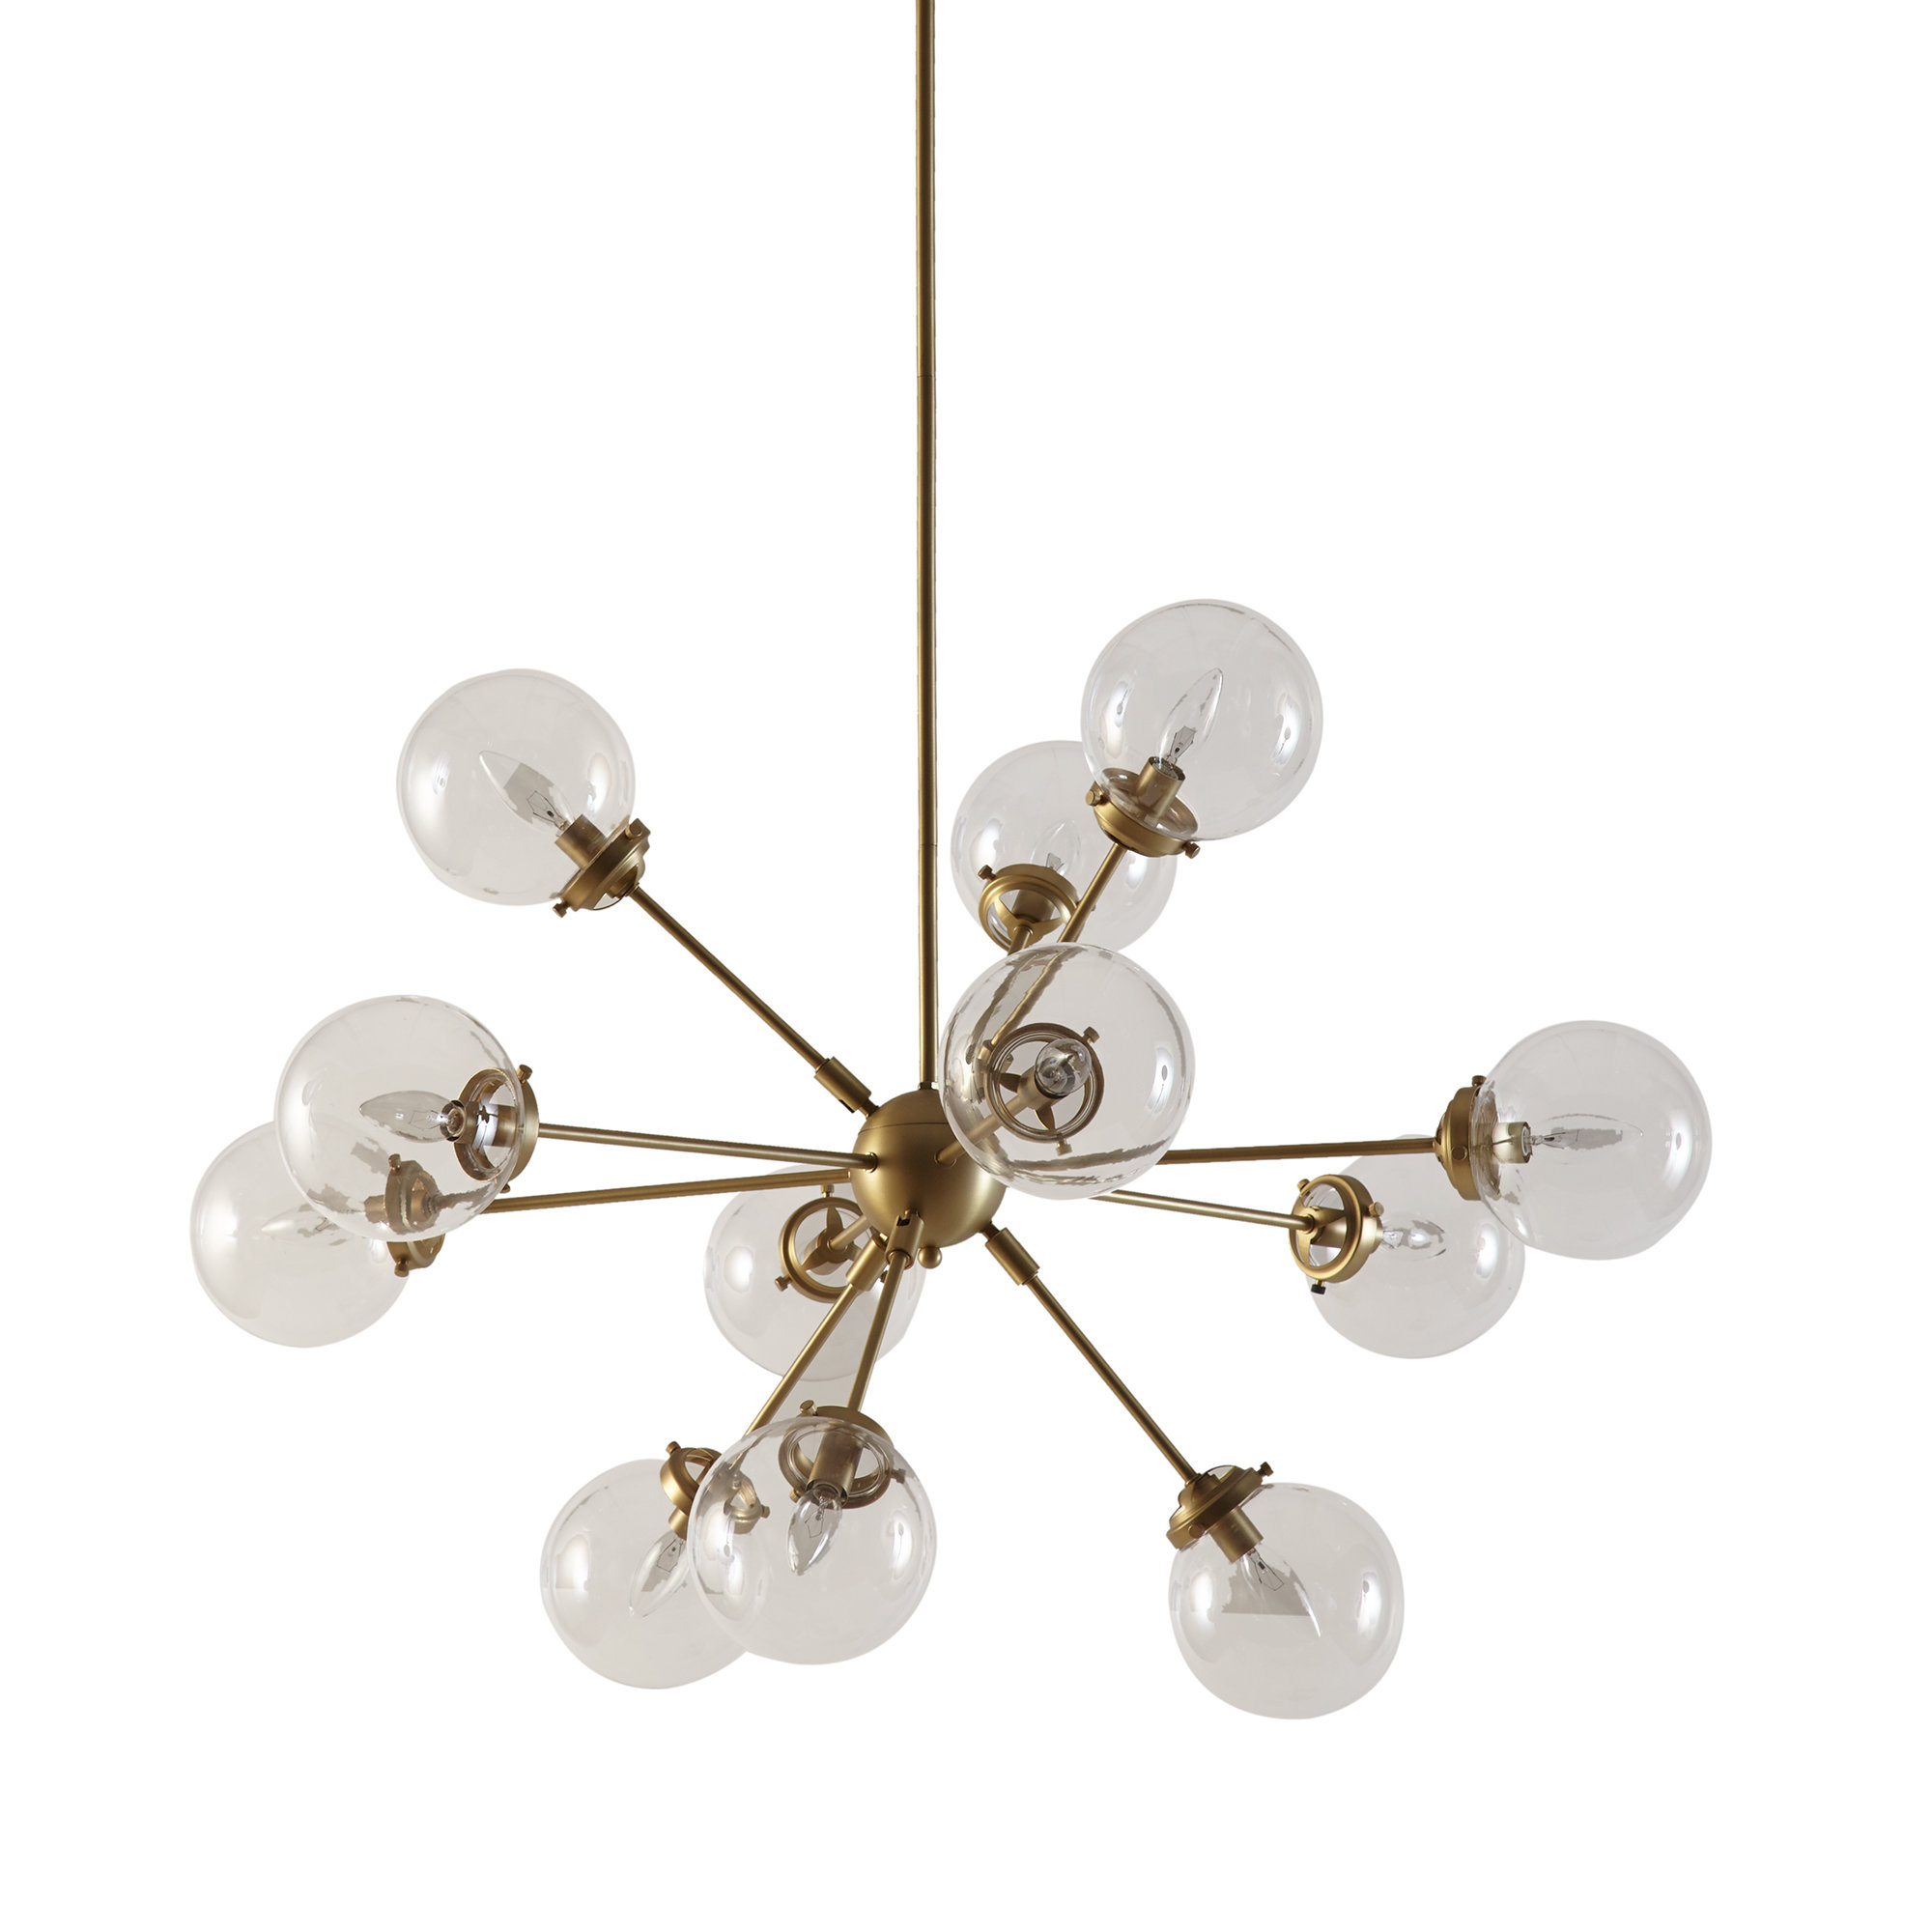 Everett 10 Light Sputnik Chandelier | Allmodern Inside Everett 10 Light Sputnik Chandeliers (Gallery 13 of 30)